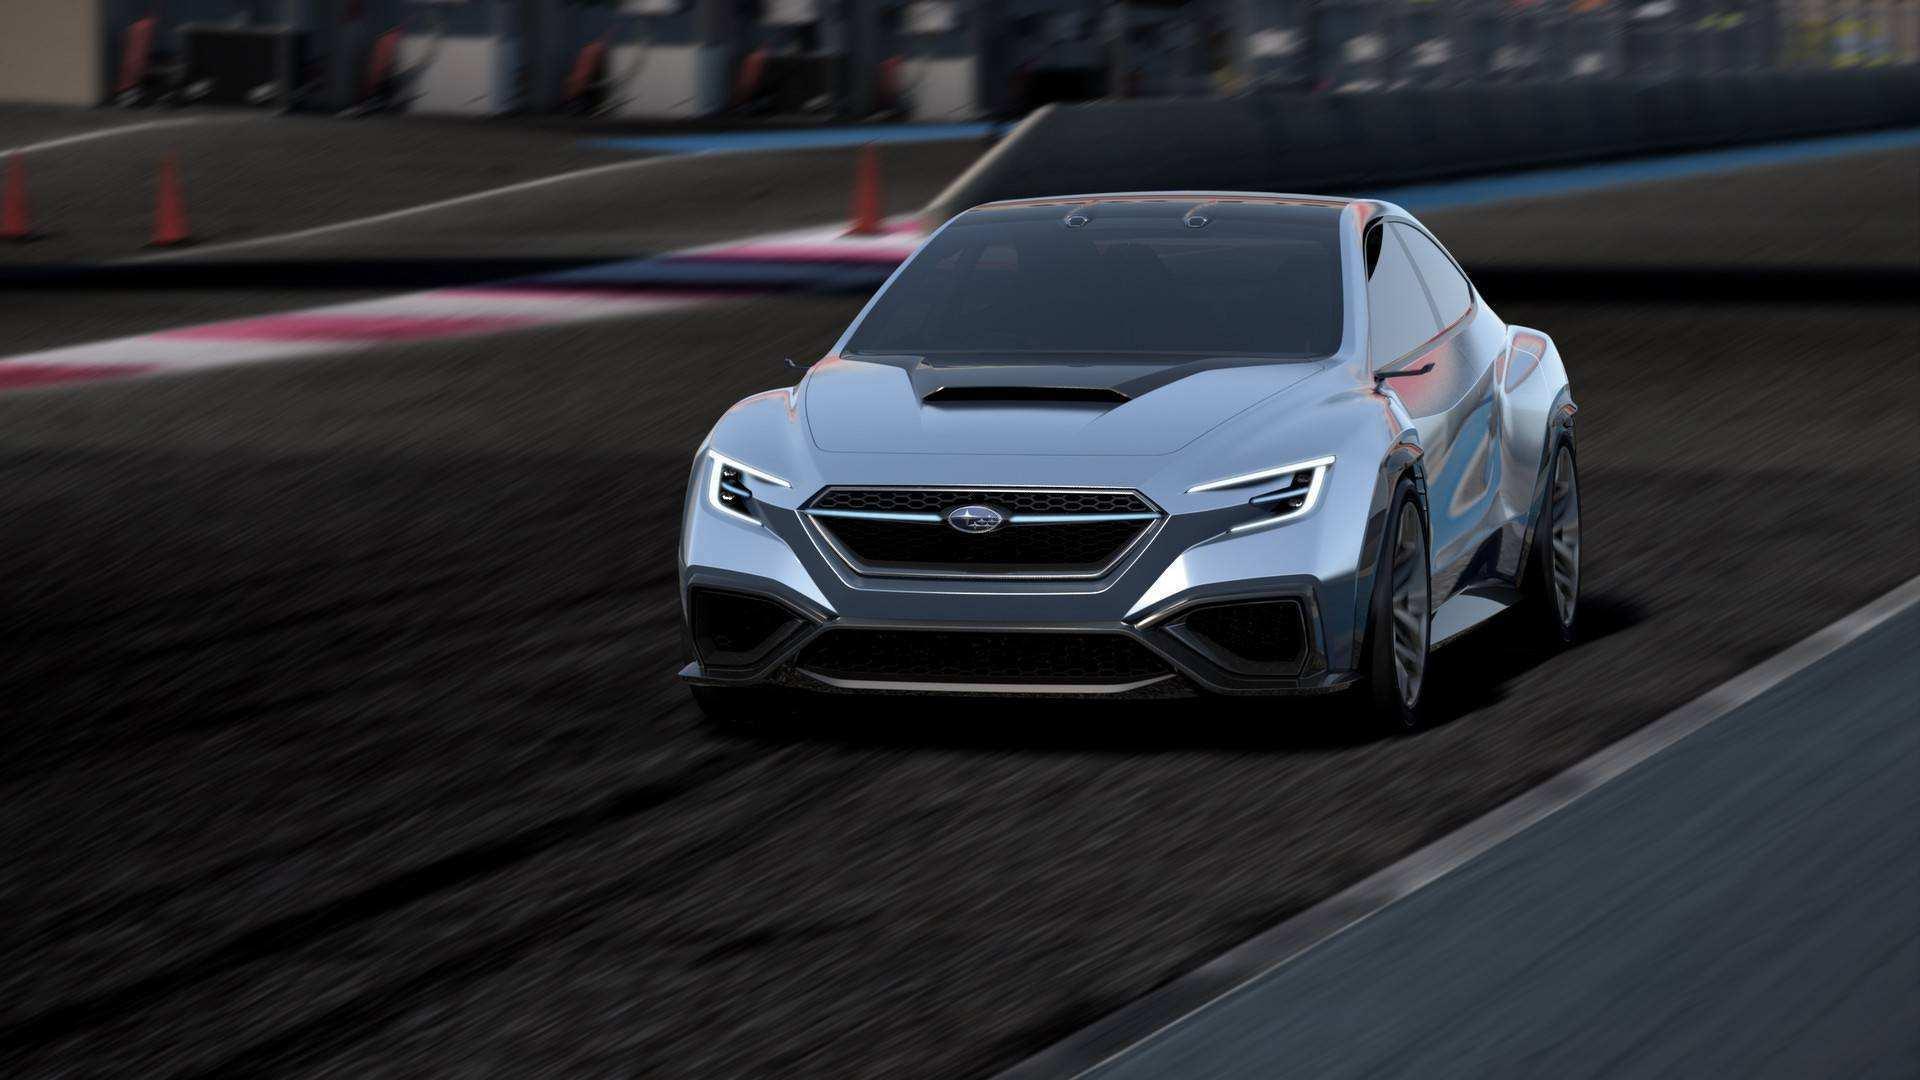 12 New Subaru 2020 Wrx Style with Subaru 2020 Wrx